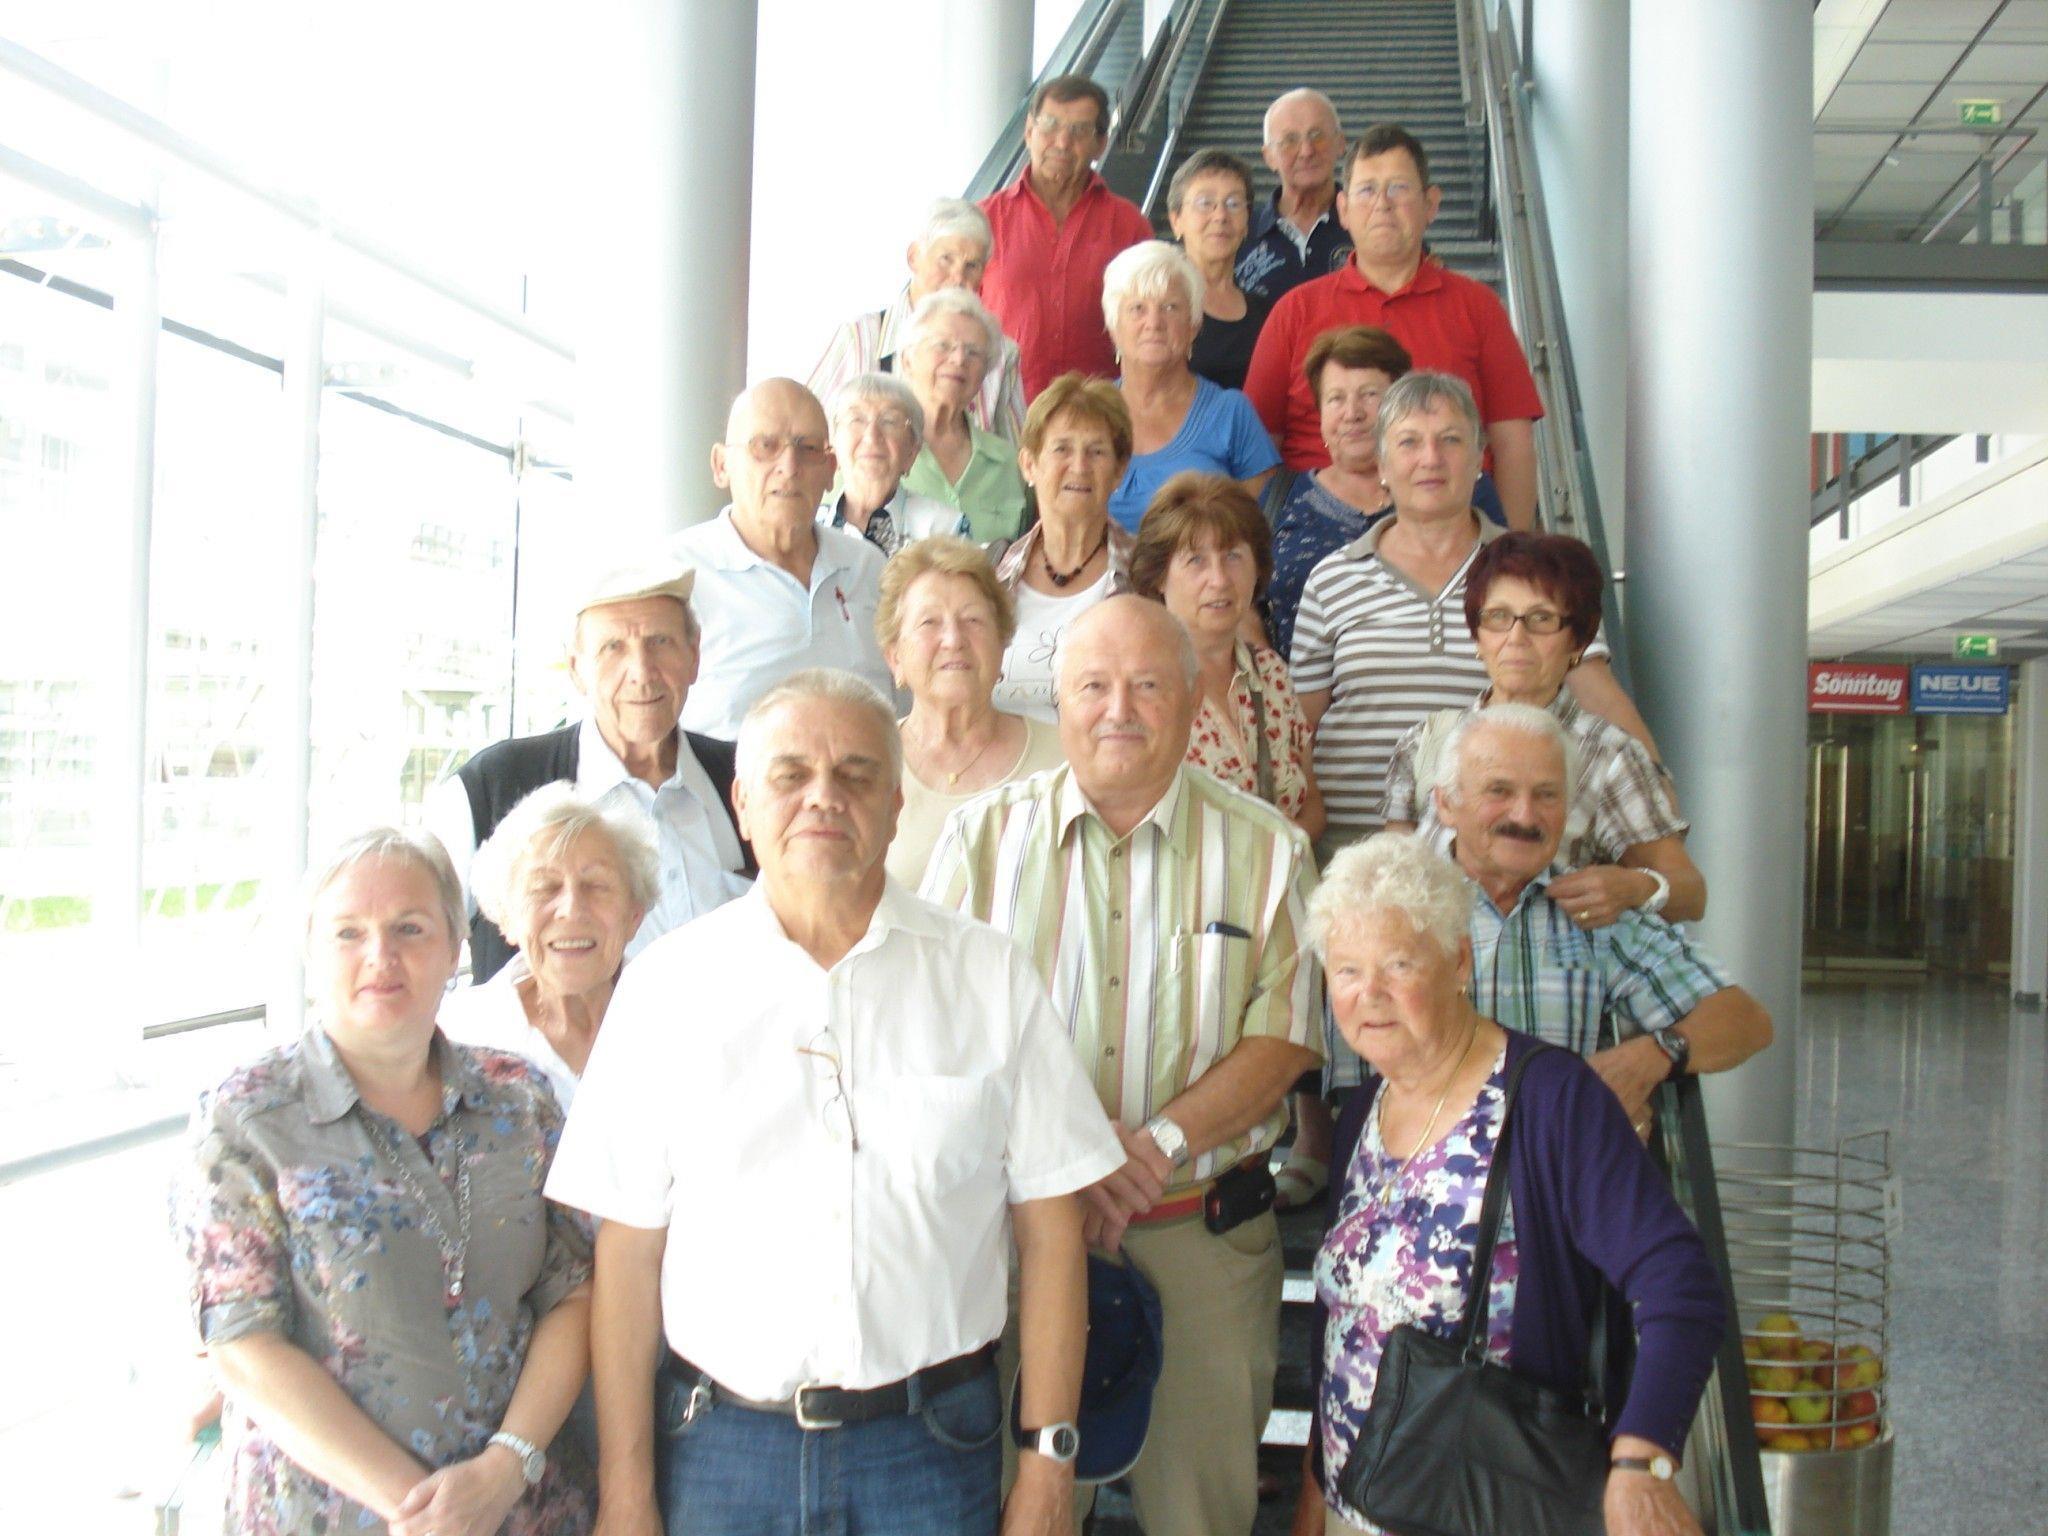 Viel zu sehen und zu erfahren gab es für die Götzner Pensionisten im Medienhaus in Schwarzach.